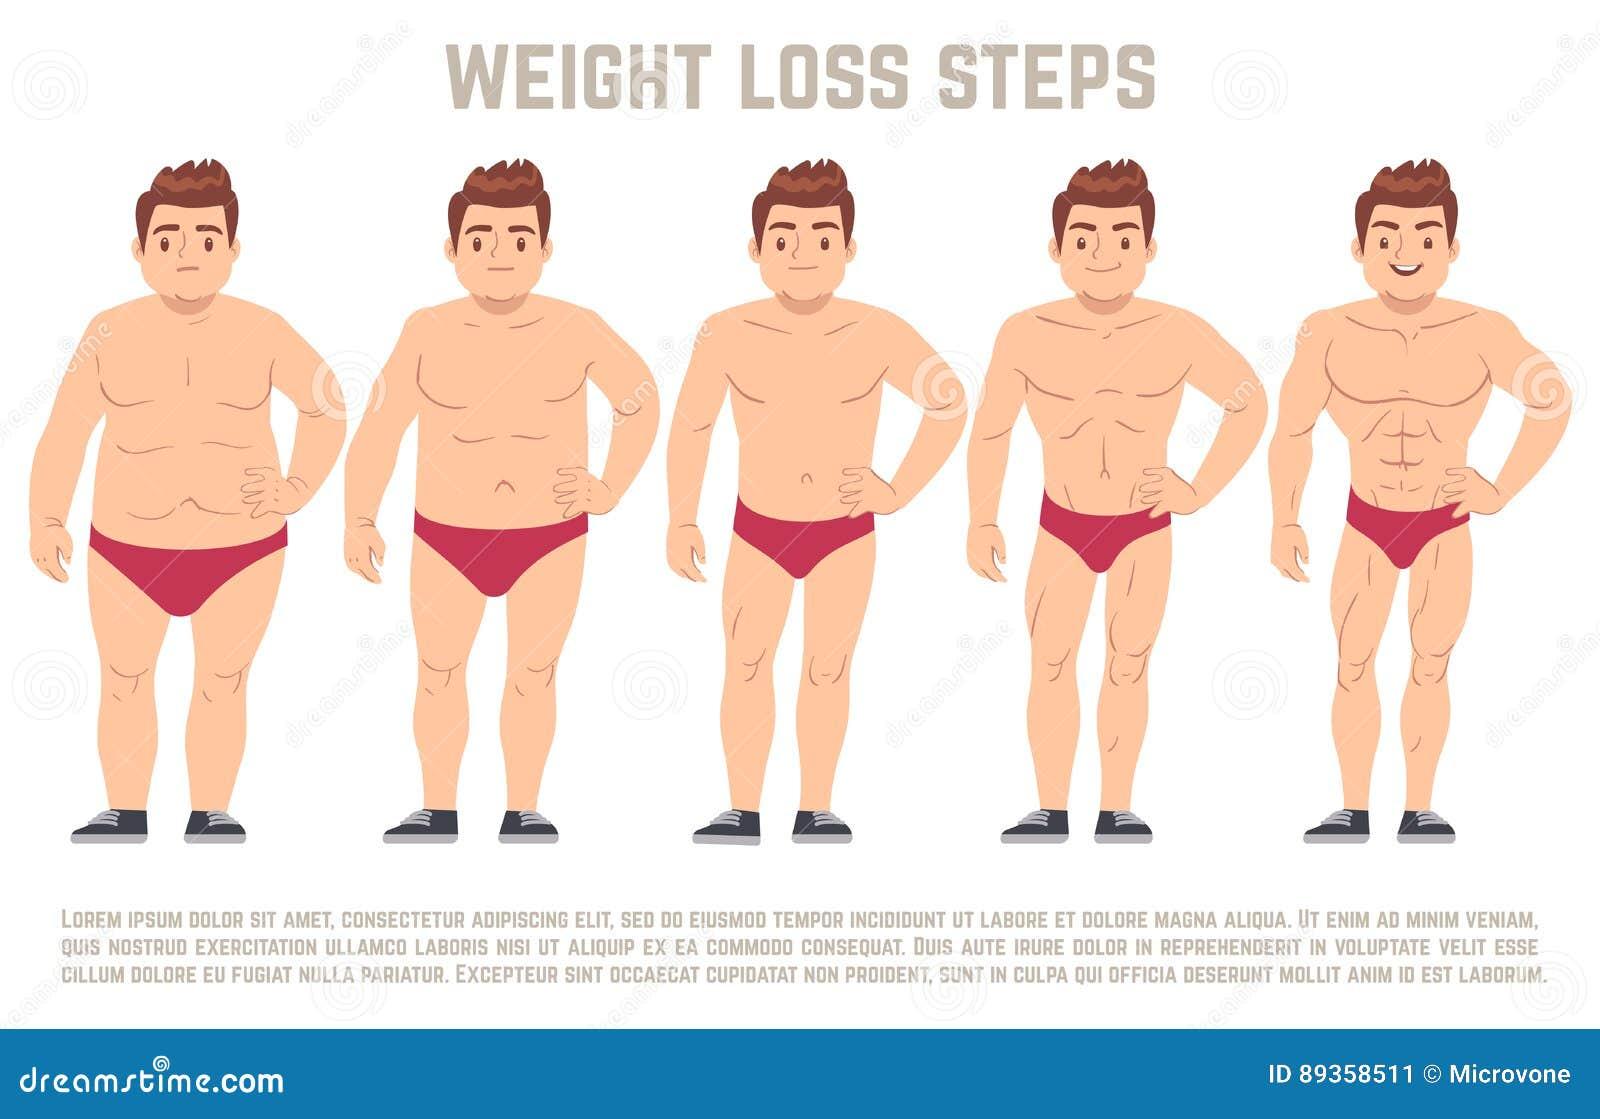 la perdita di peso fa male